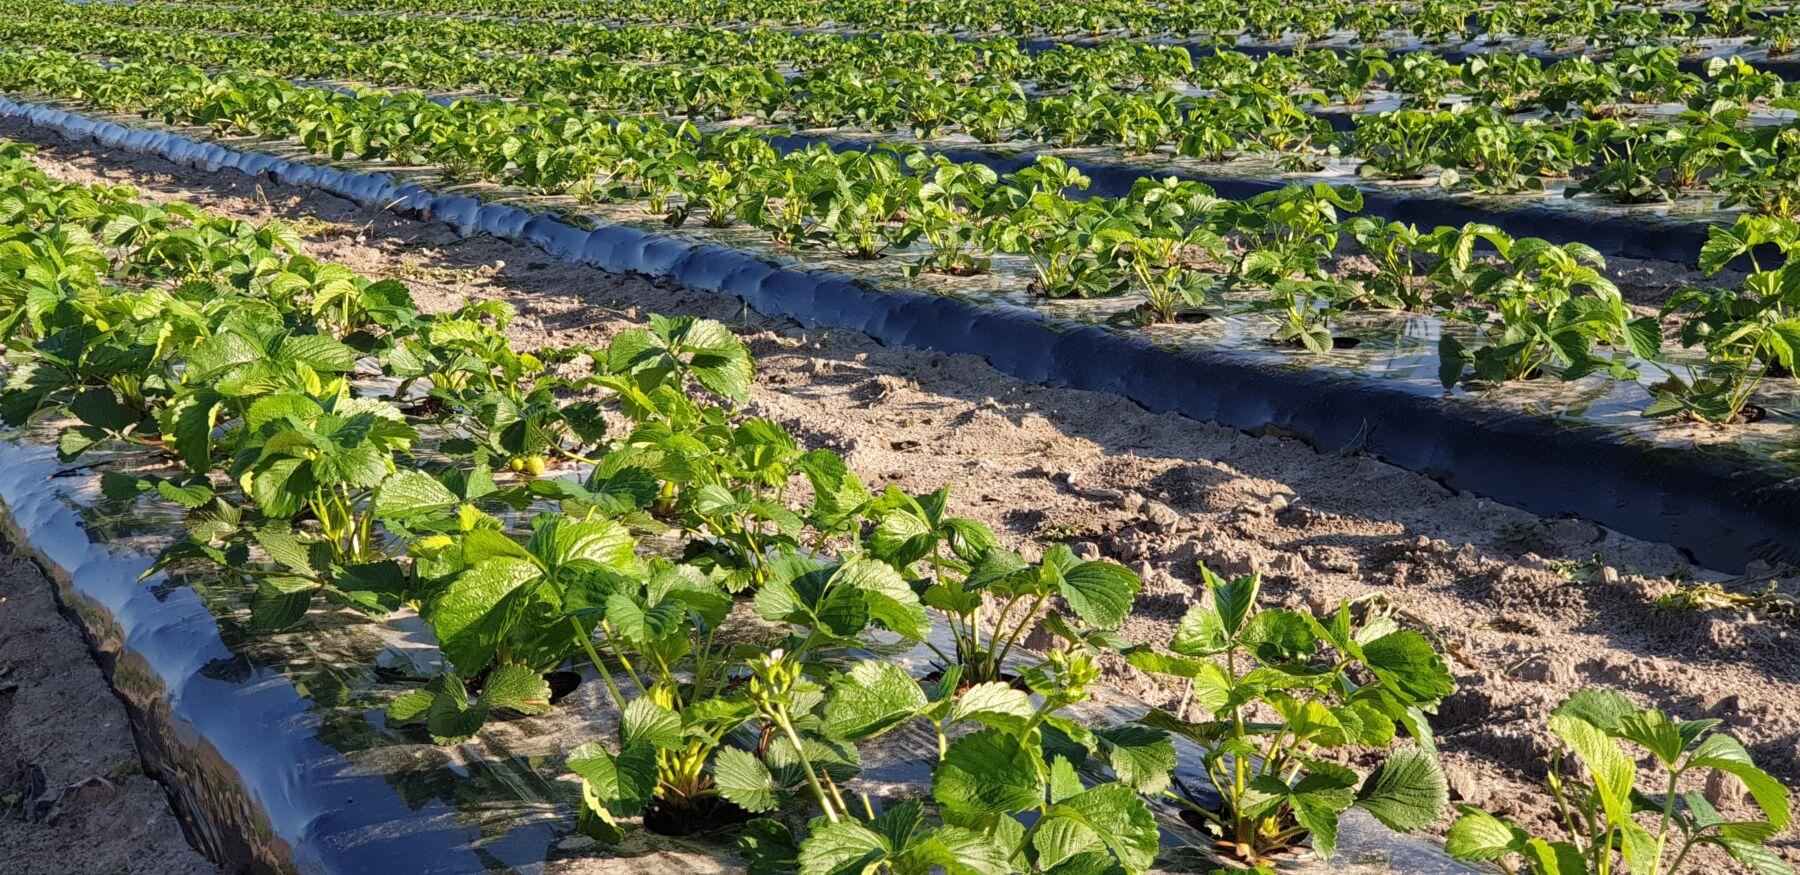 Plantacja truskawek zakładana z sadzonek typu frigo na przełomie lipca i sierpnia.